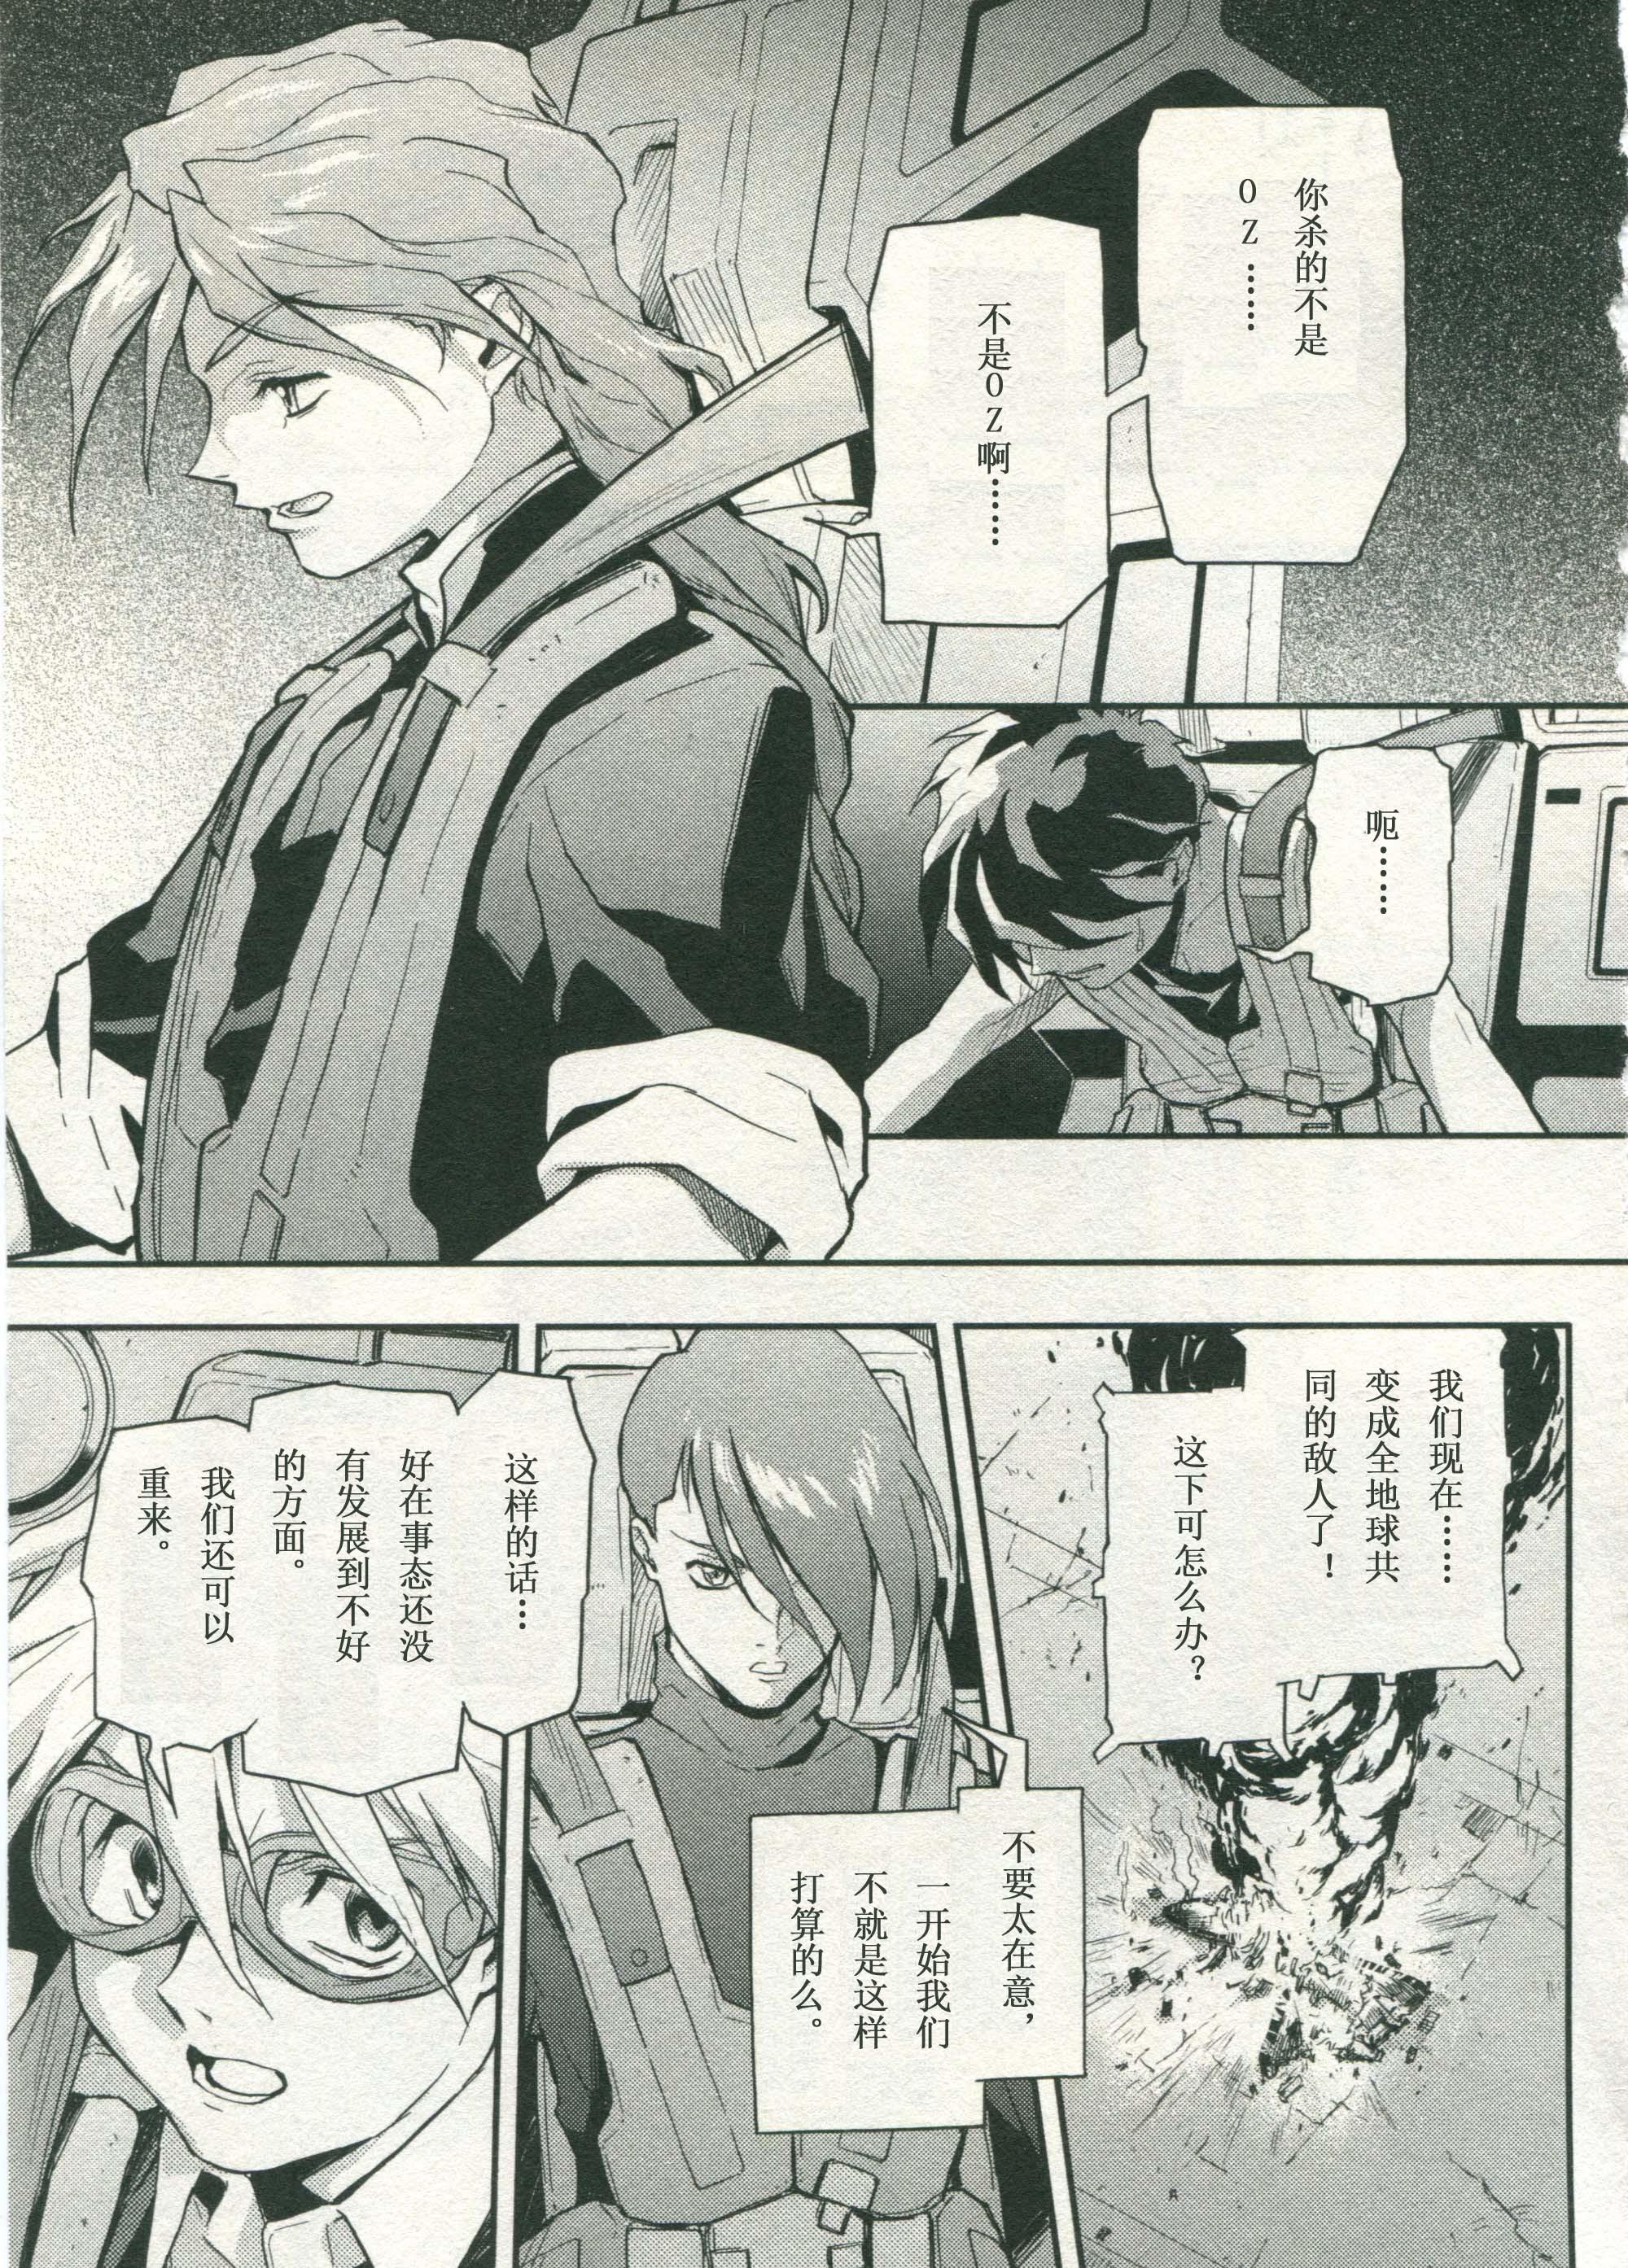 败者们的荣光61 - 副本.jpg